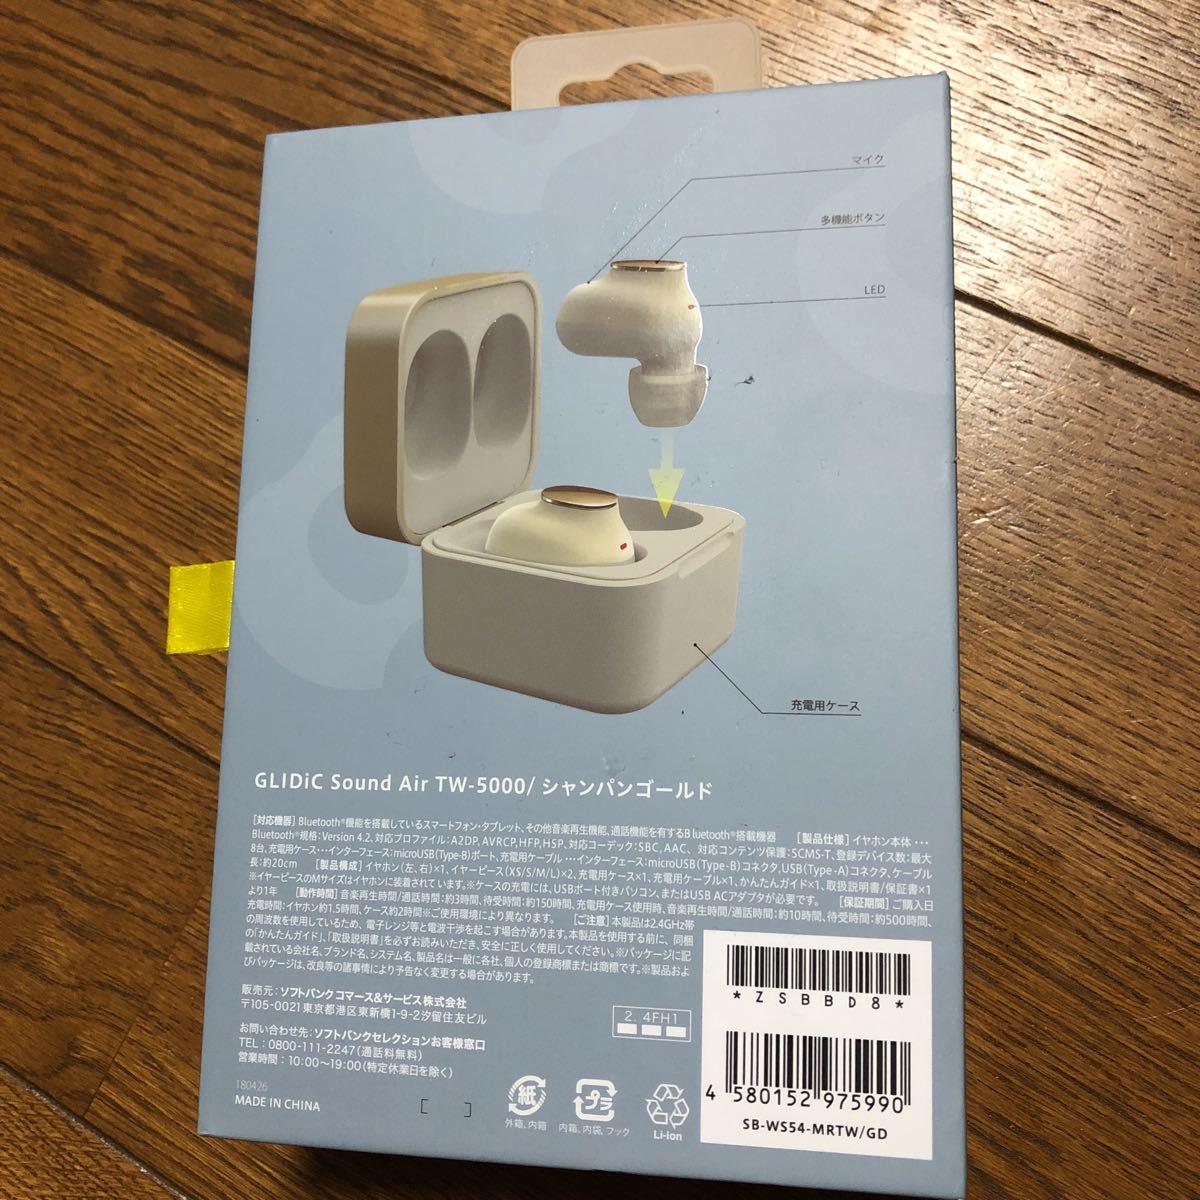 【新品未使用】ソフトバンク完全ワイヤレスイヤホン GLIDIC Sound Air TW-5000/シャンパンゴールド_画像2